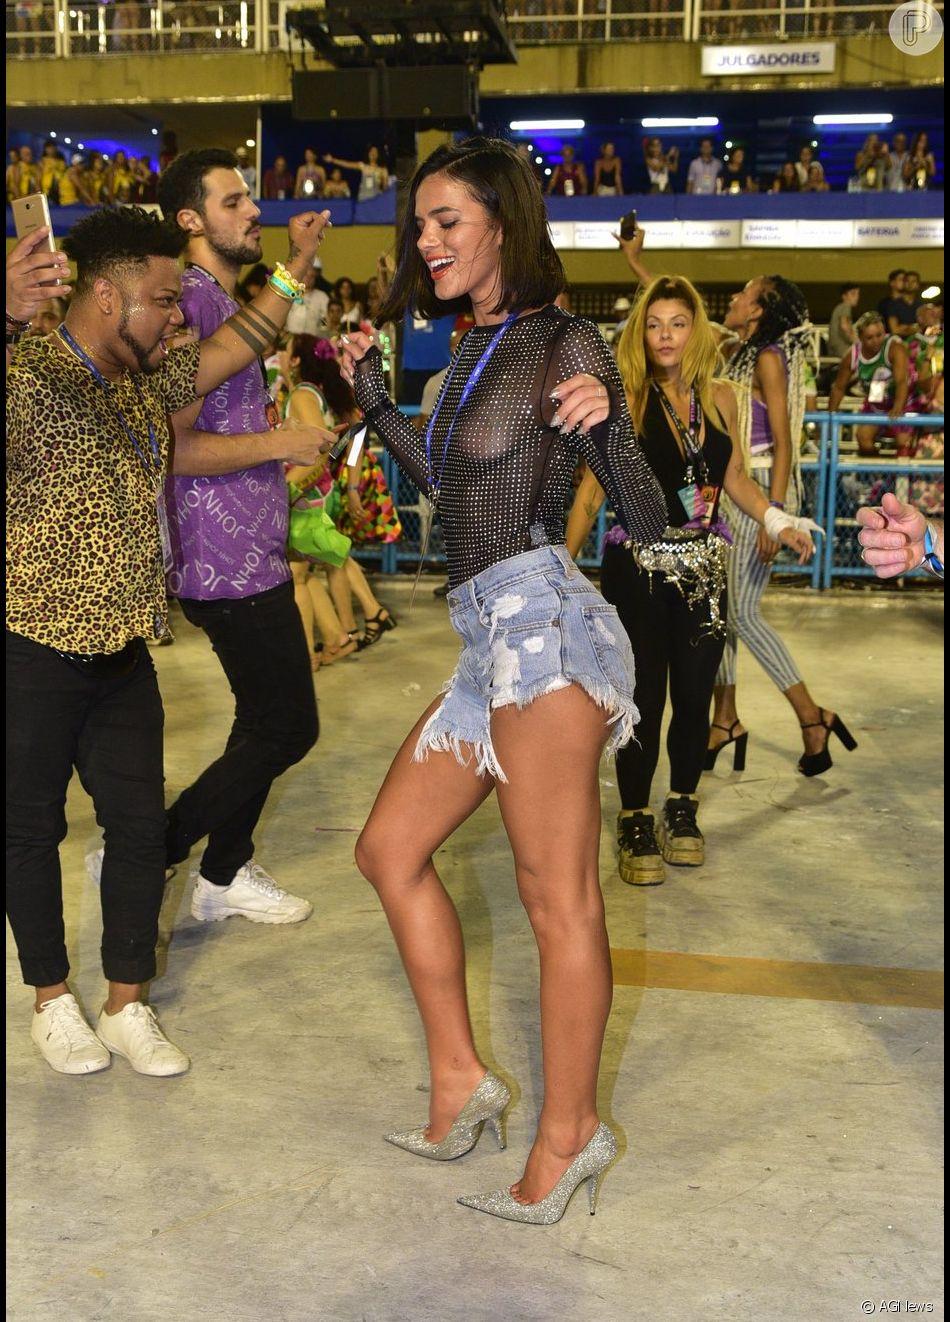 Bruna Marquezine mostrou no pé e seguiu a Mangueira na Avenida no carnaval do Rio neste sábado, 9 de março de 2019